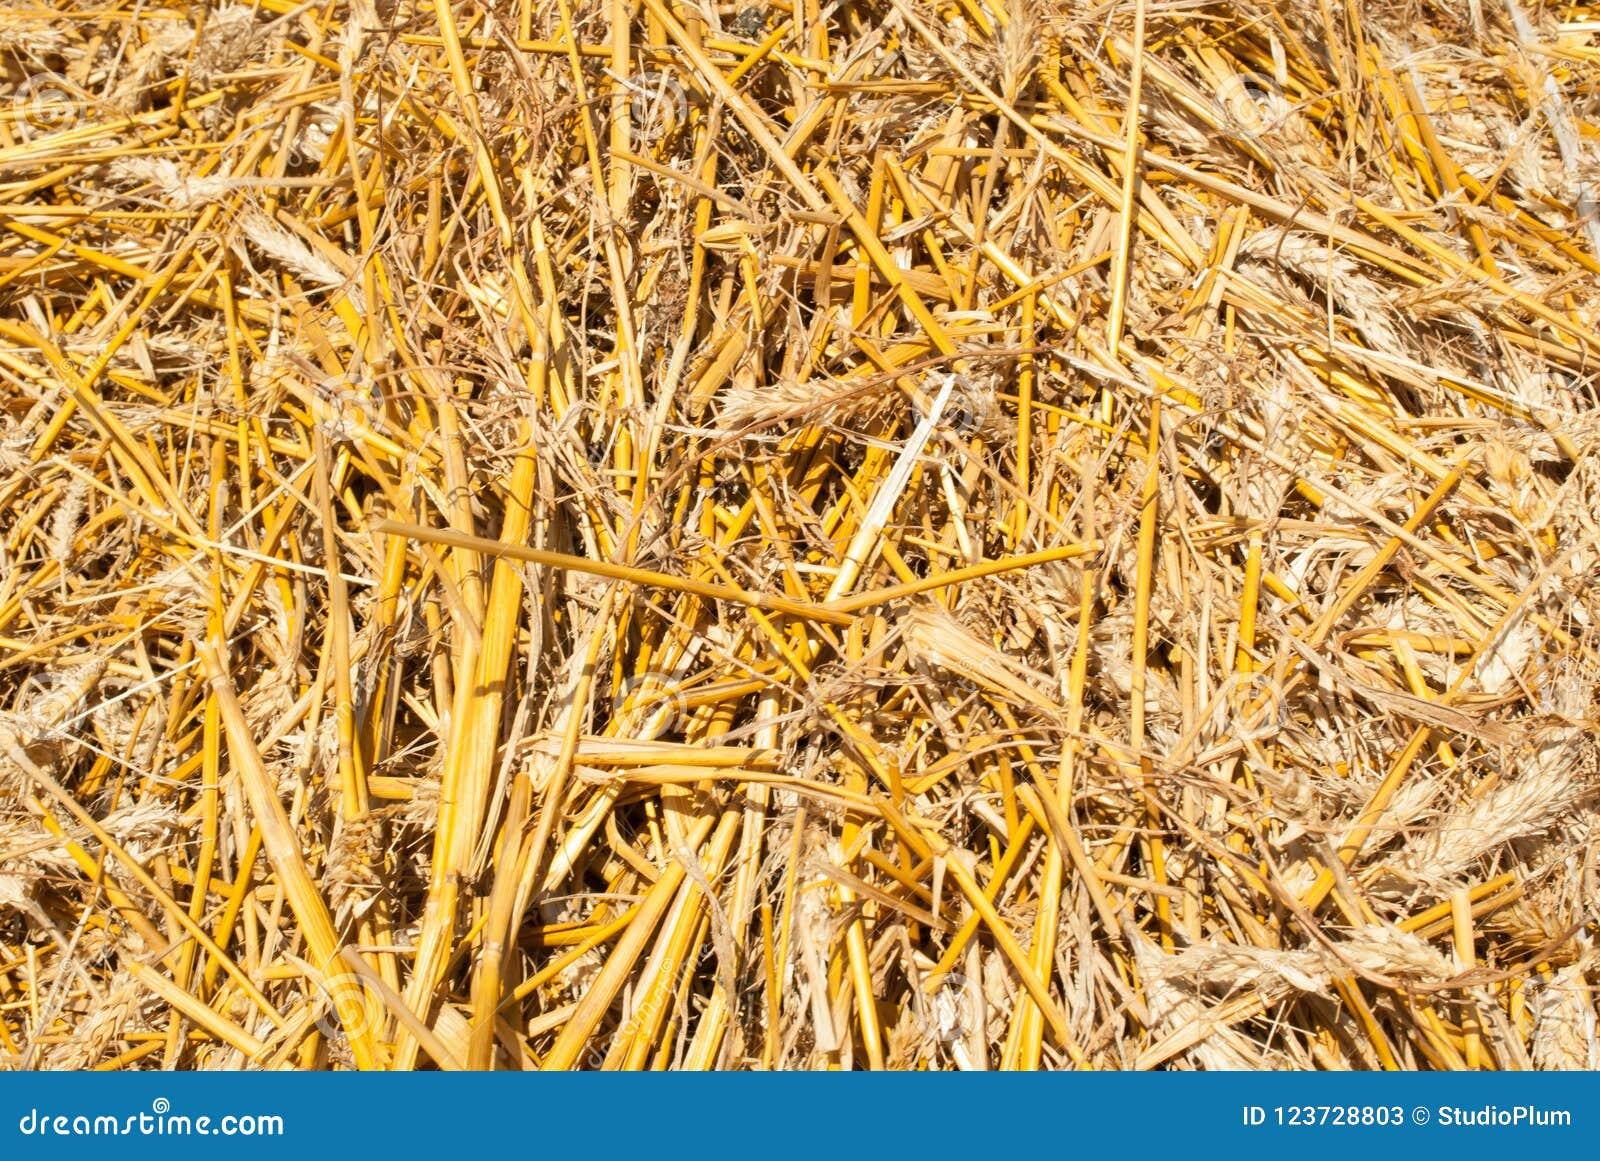 Bakgrunden av gult sugrör är ideal för inskrifttexturbakgrund